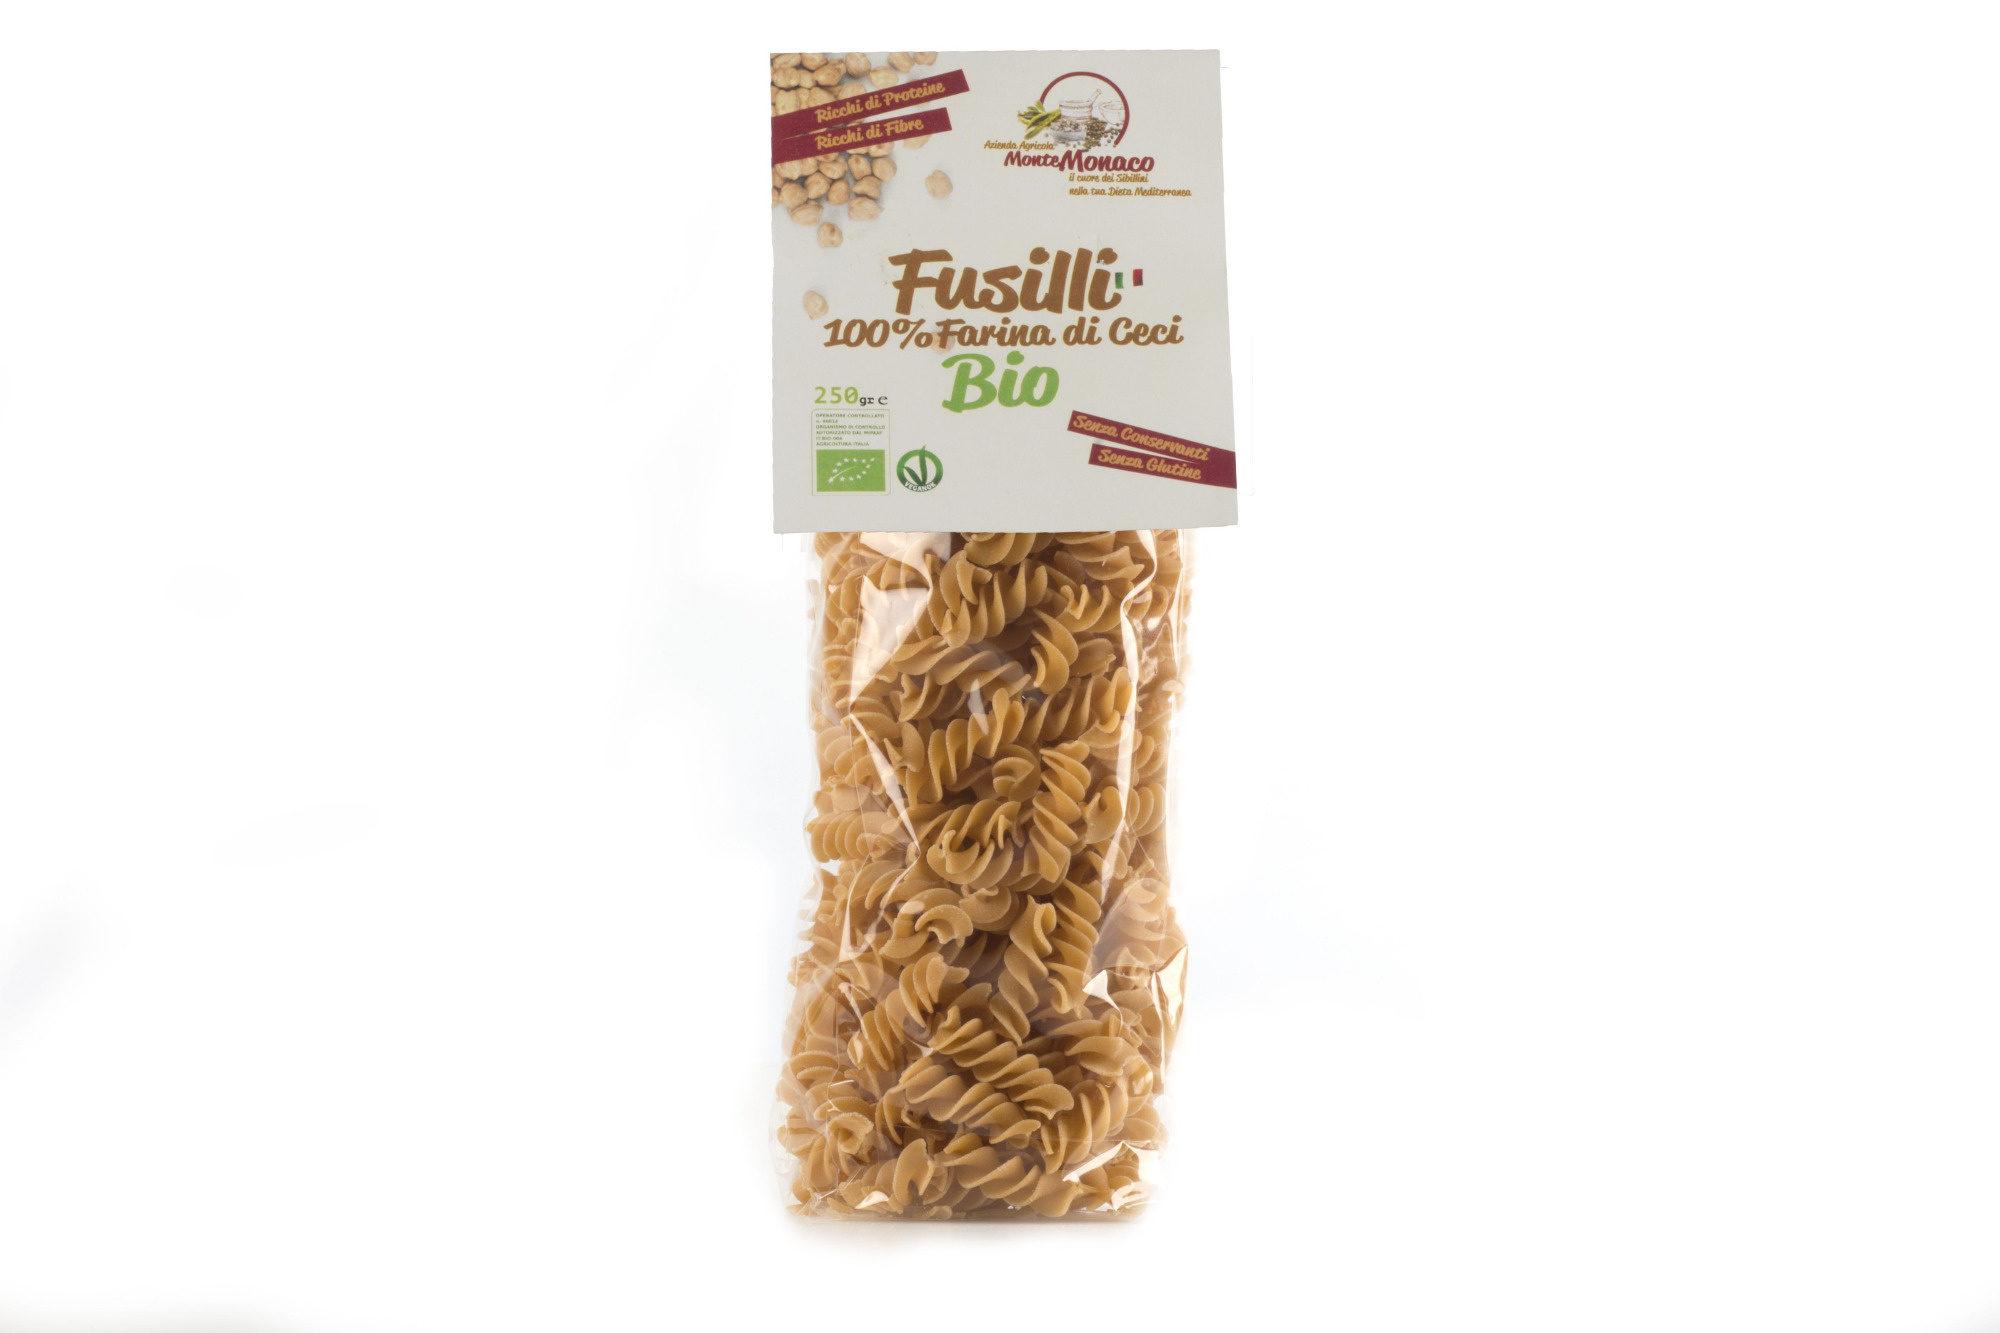 Fusilli 100% Farina di Ceci BIO - Azienda Agricola Monte Monaco - Product - it